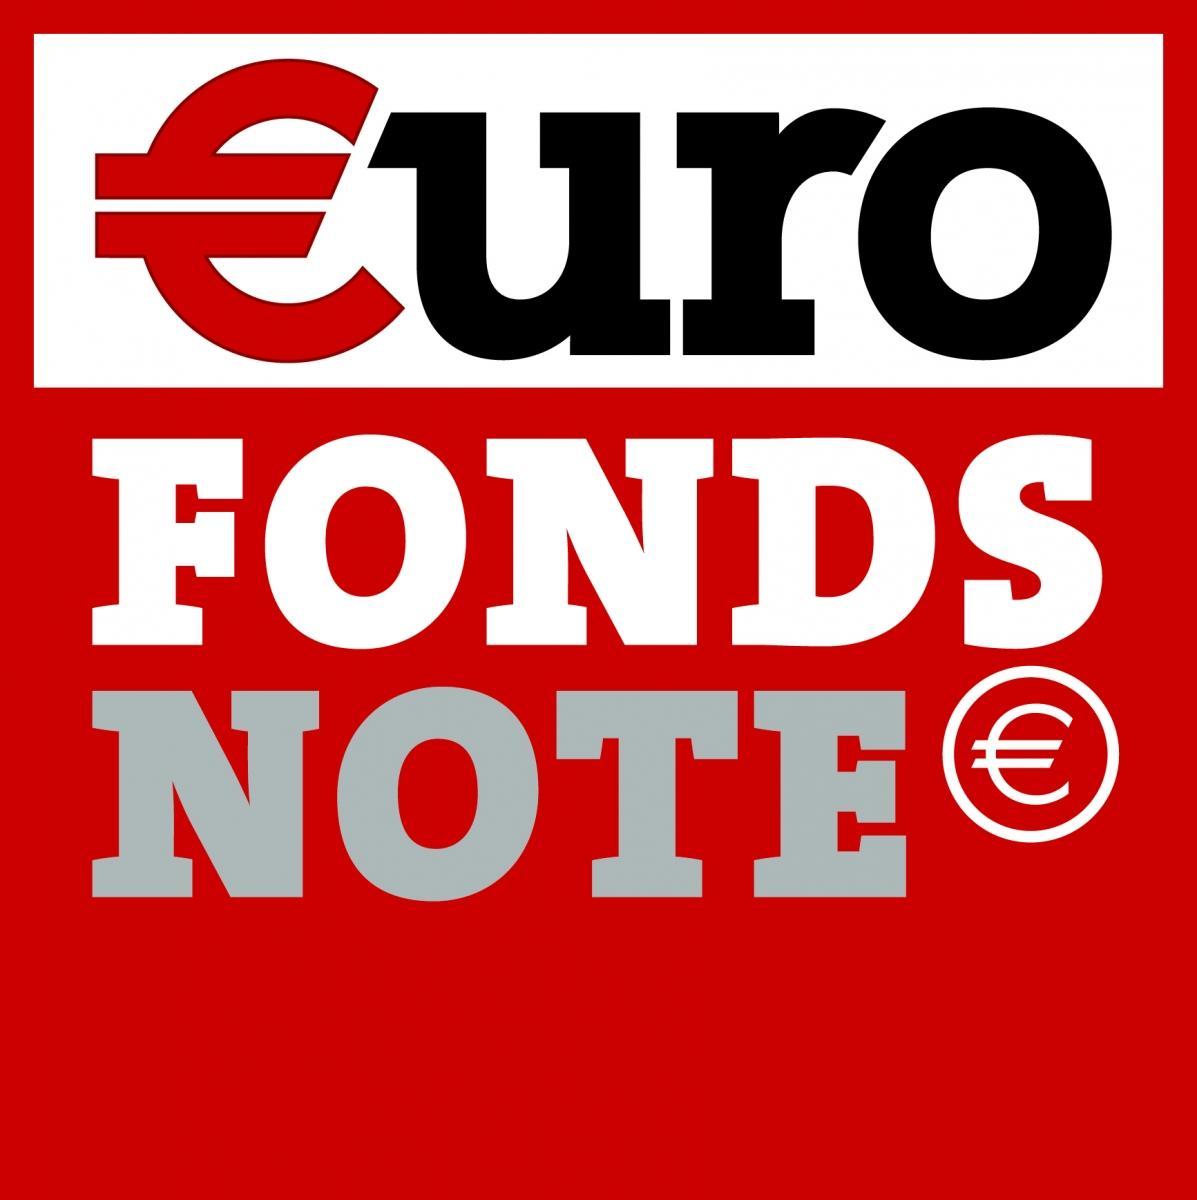 Fondsnote